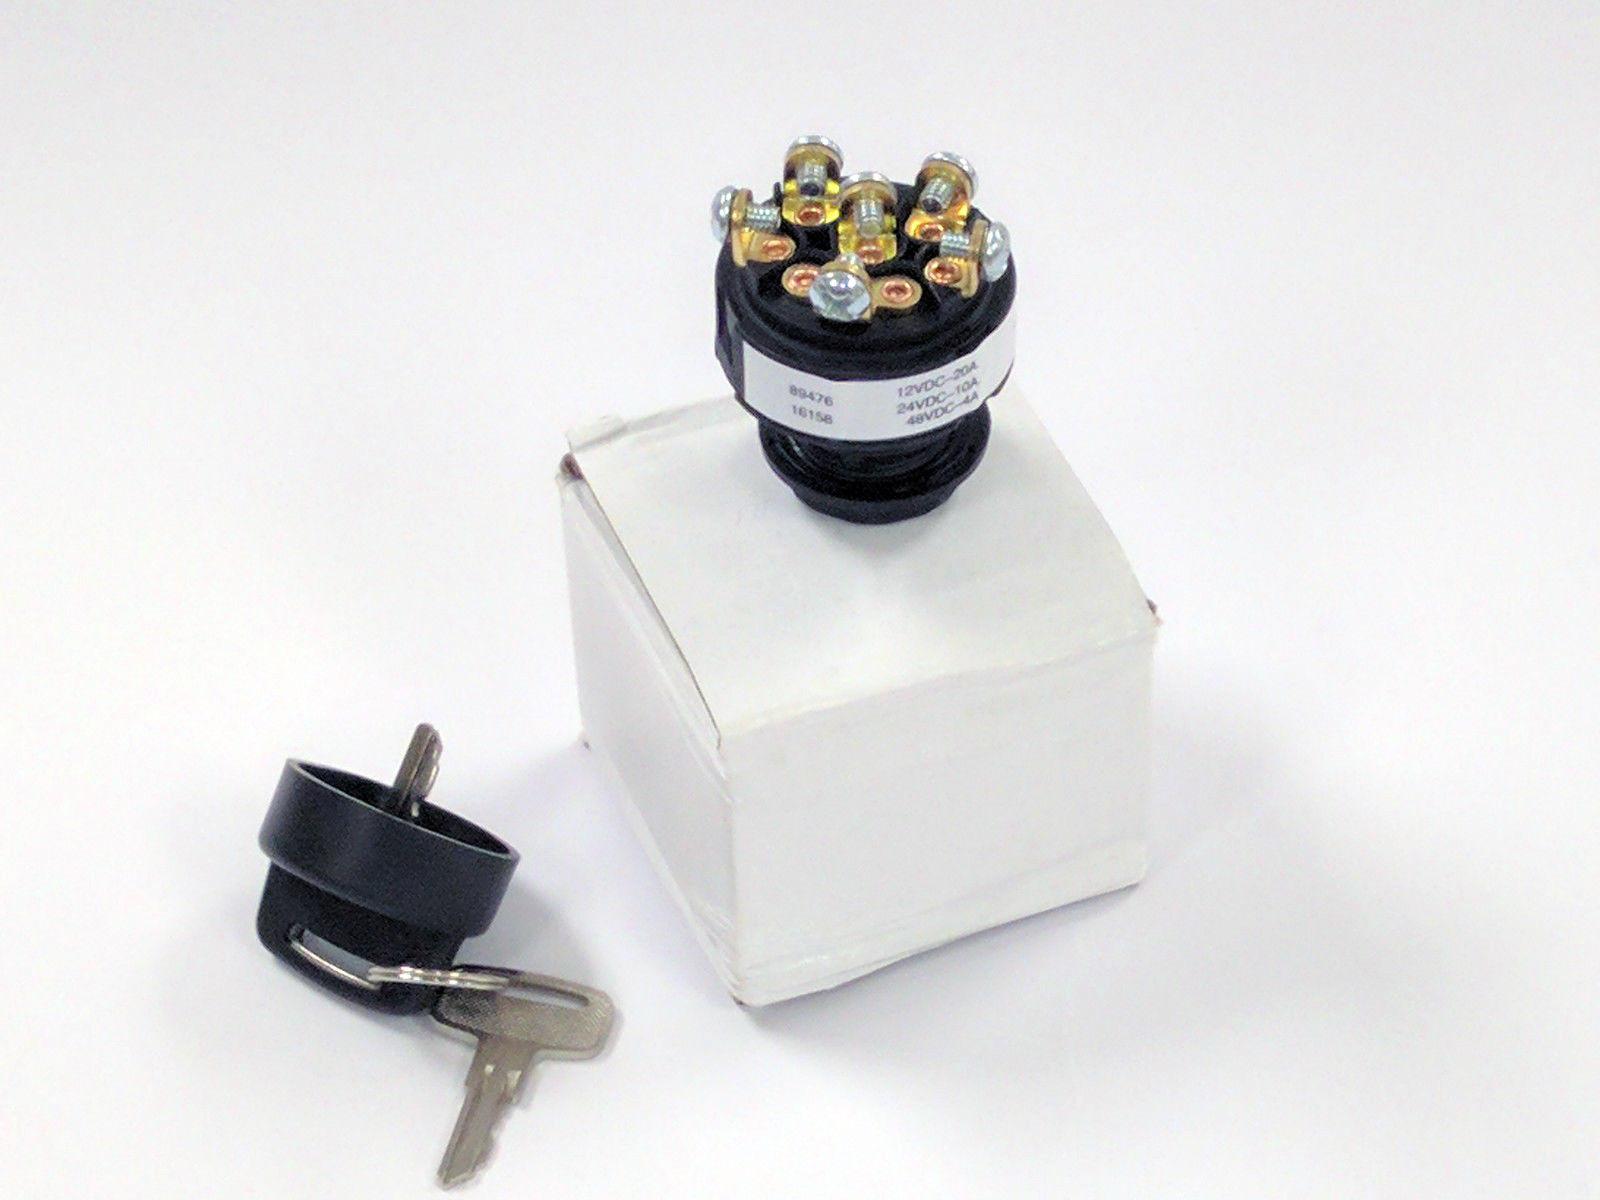 Genie 96008-S Key Switch Kit for ALL GENIE AWP LIFTS